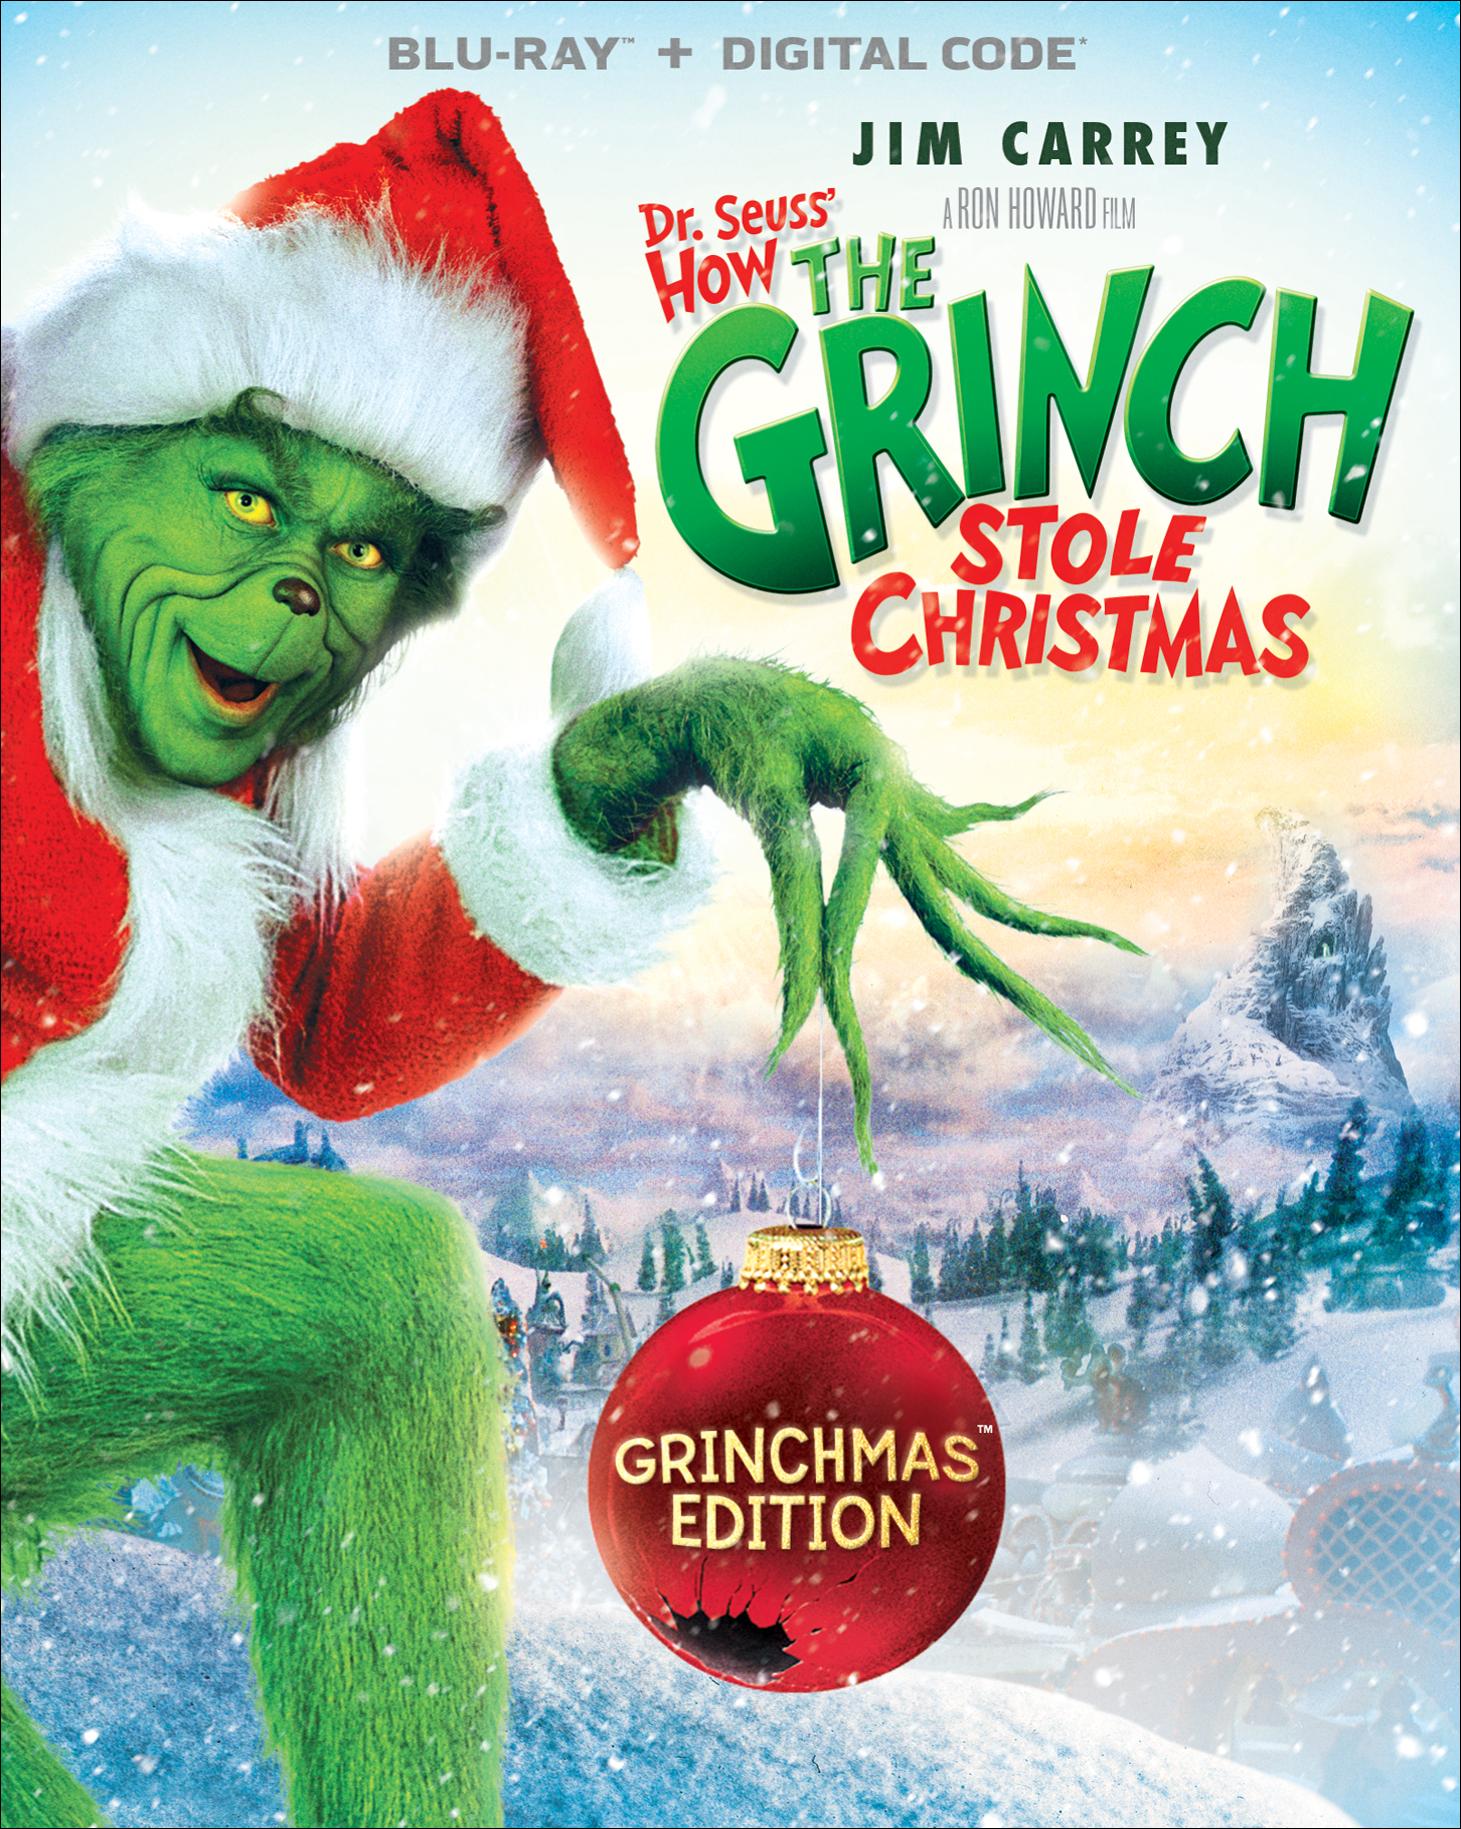 Dr Seuss How The Grinch Stole Christmas Grinchmas